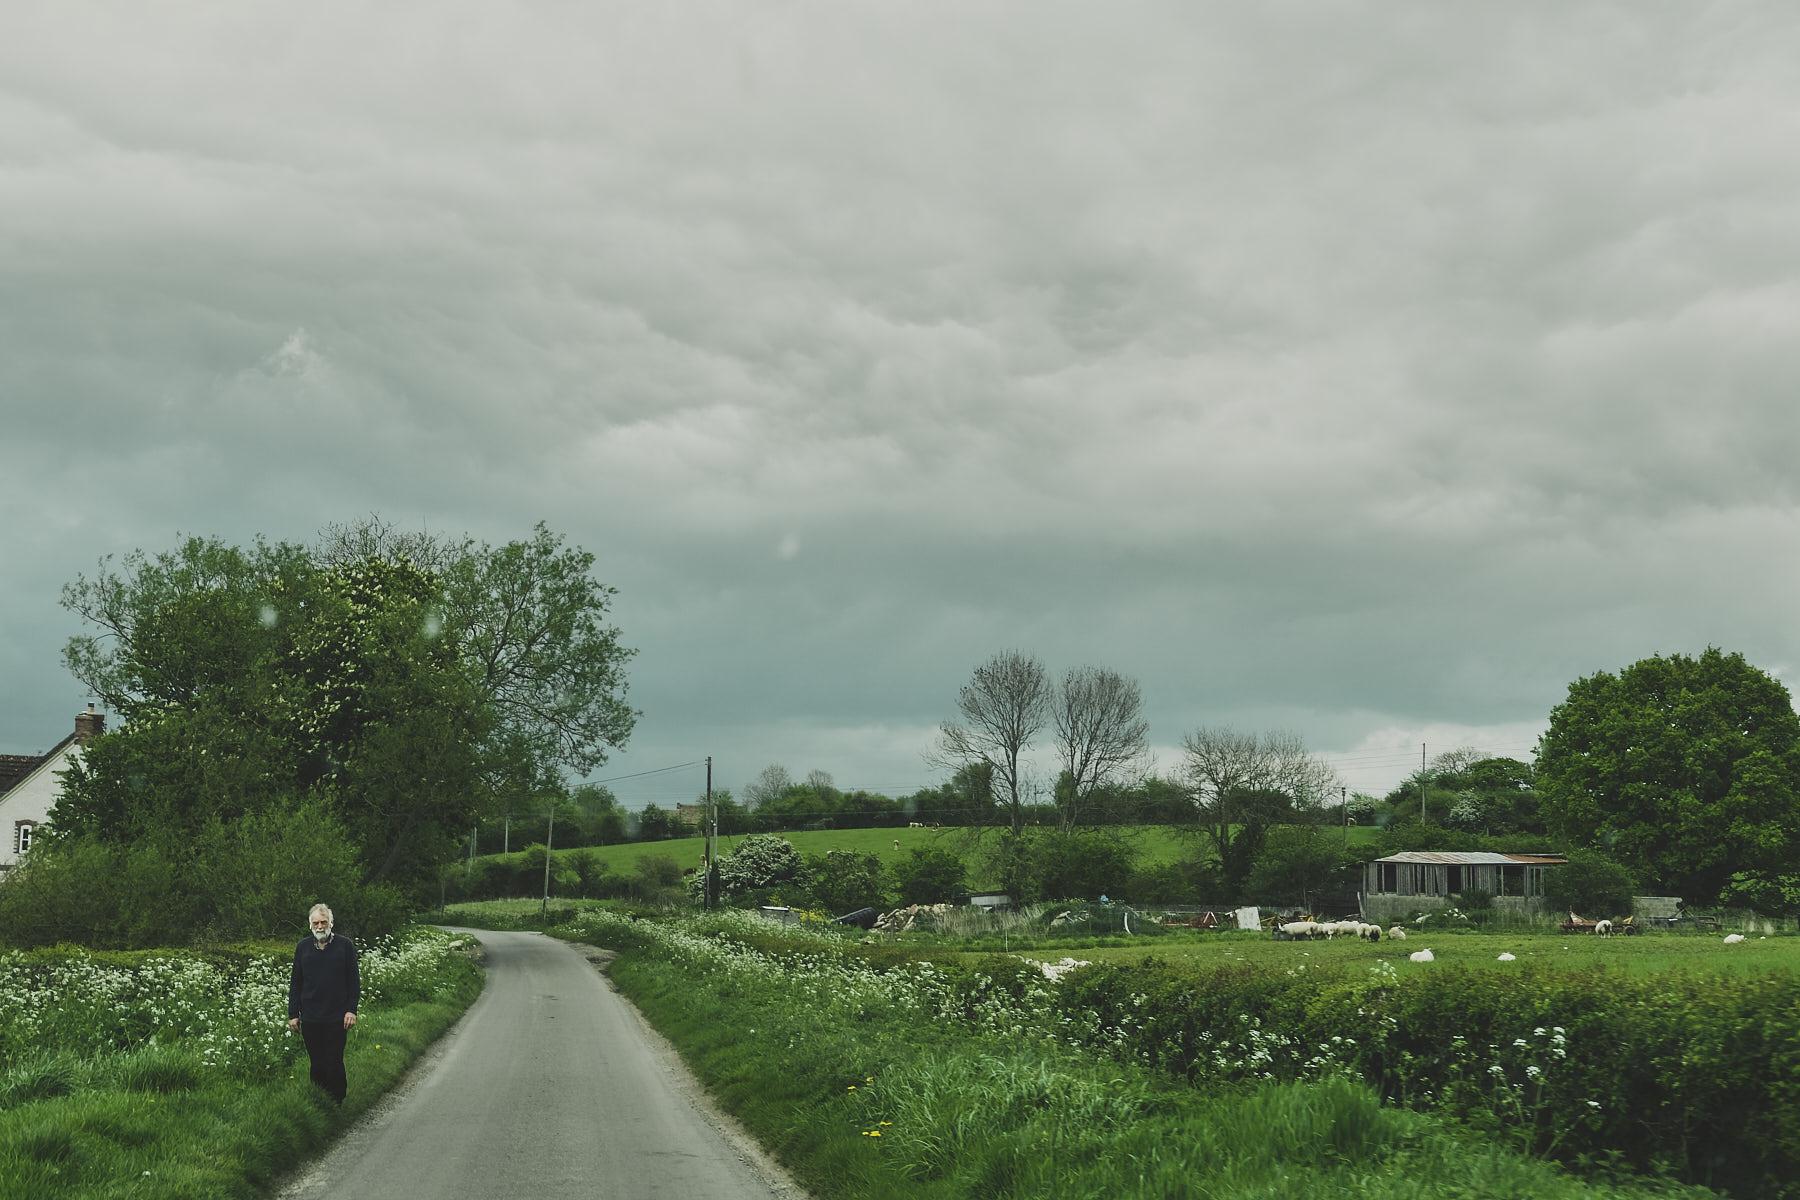 laROQUE-Malmesbury-dropin-001.jpg